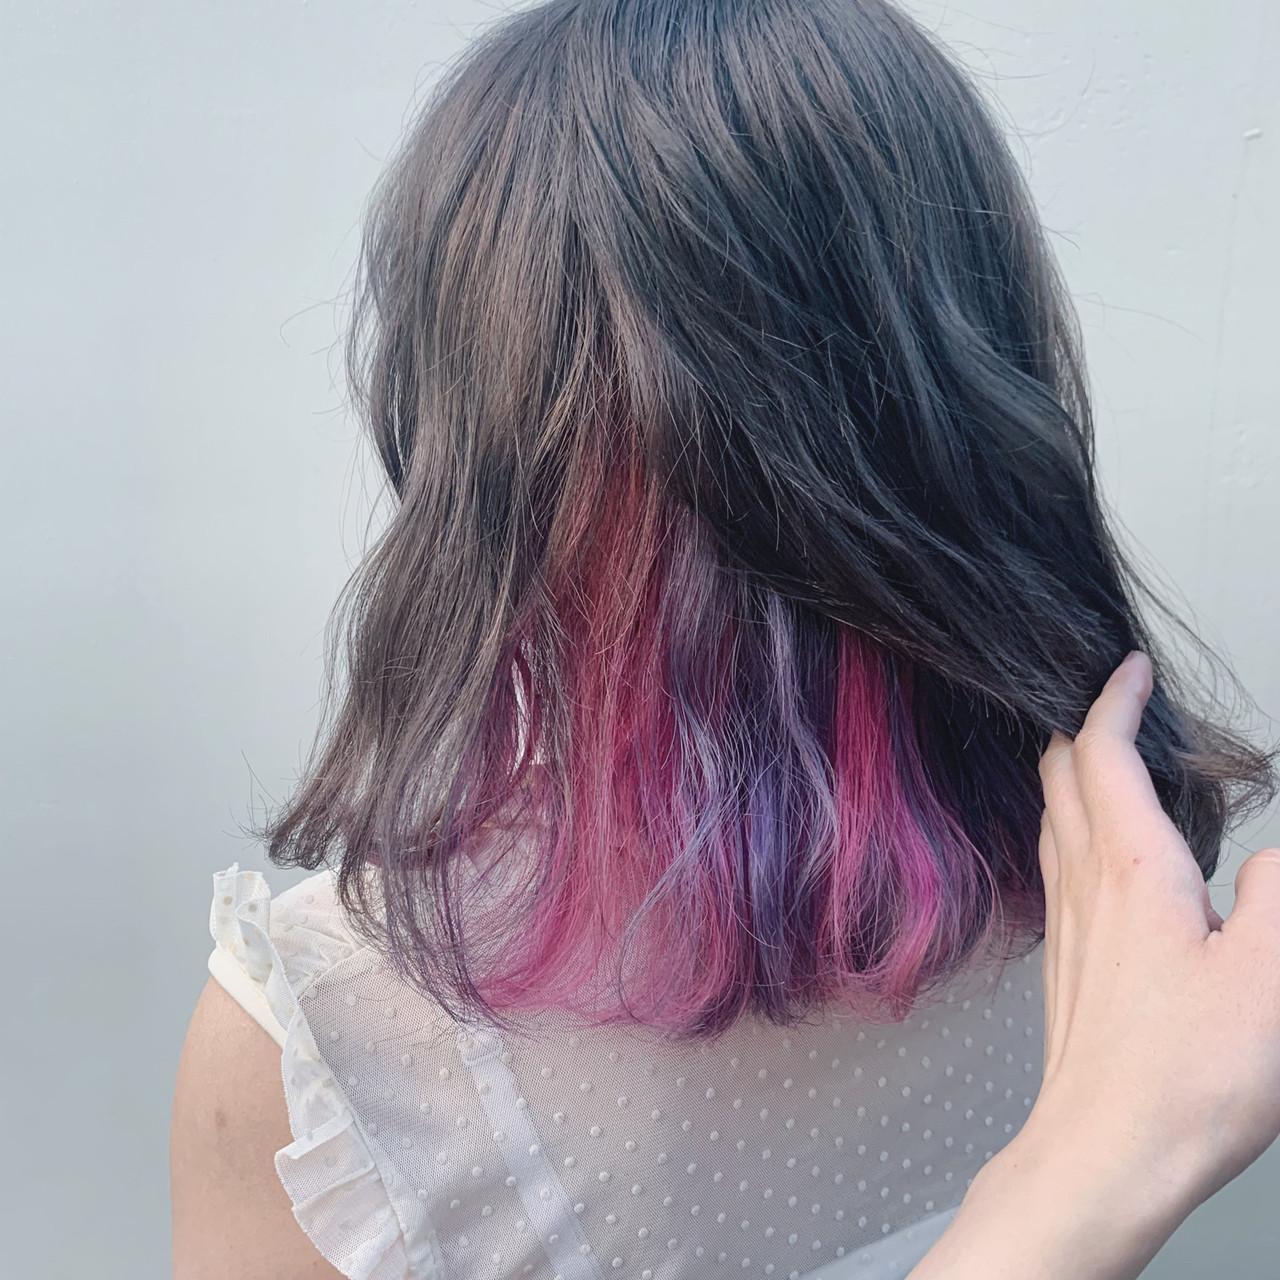 ガーリー ミディアム インナーカラーパープル インナーカラー ヘアスタイルや髪型の写真・画像 | アヤ / Lano by HAIR